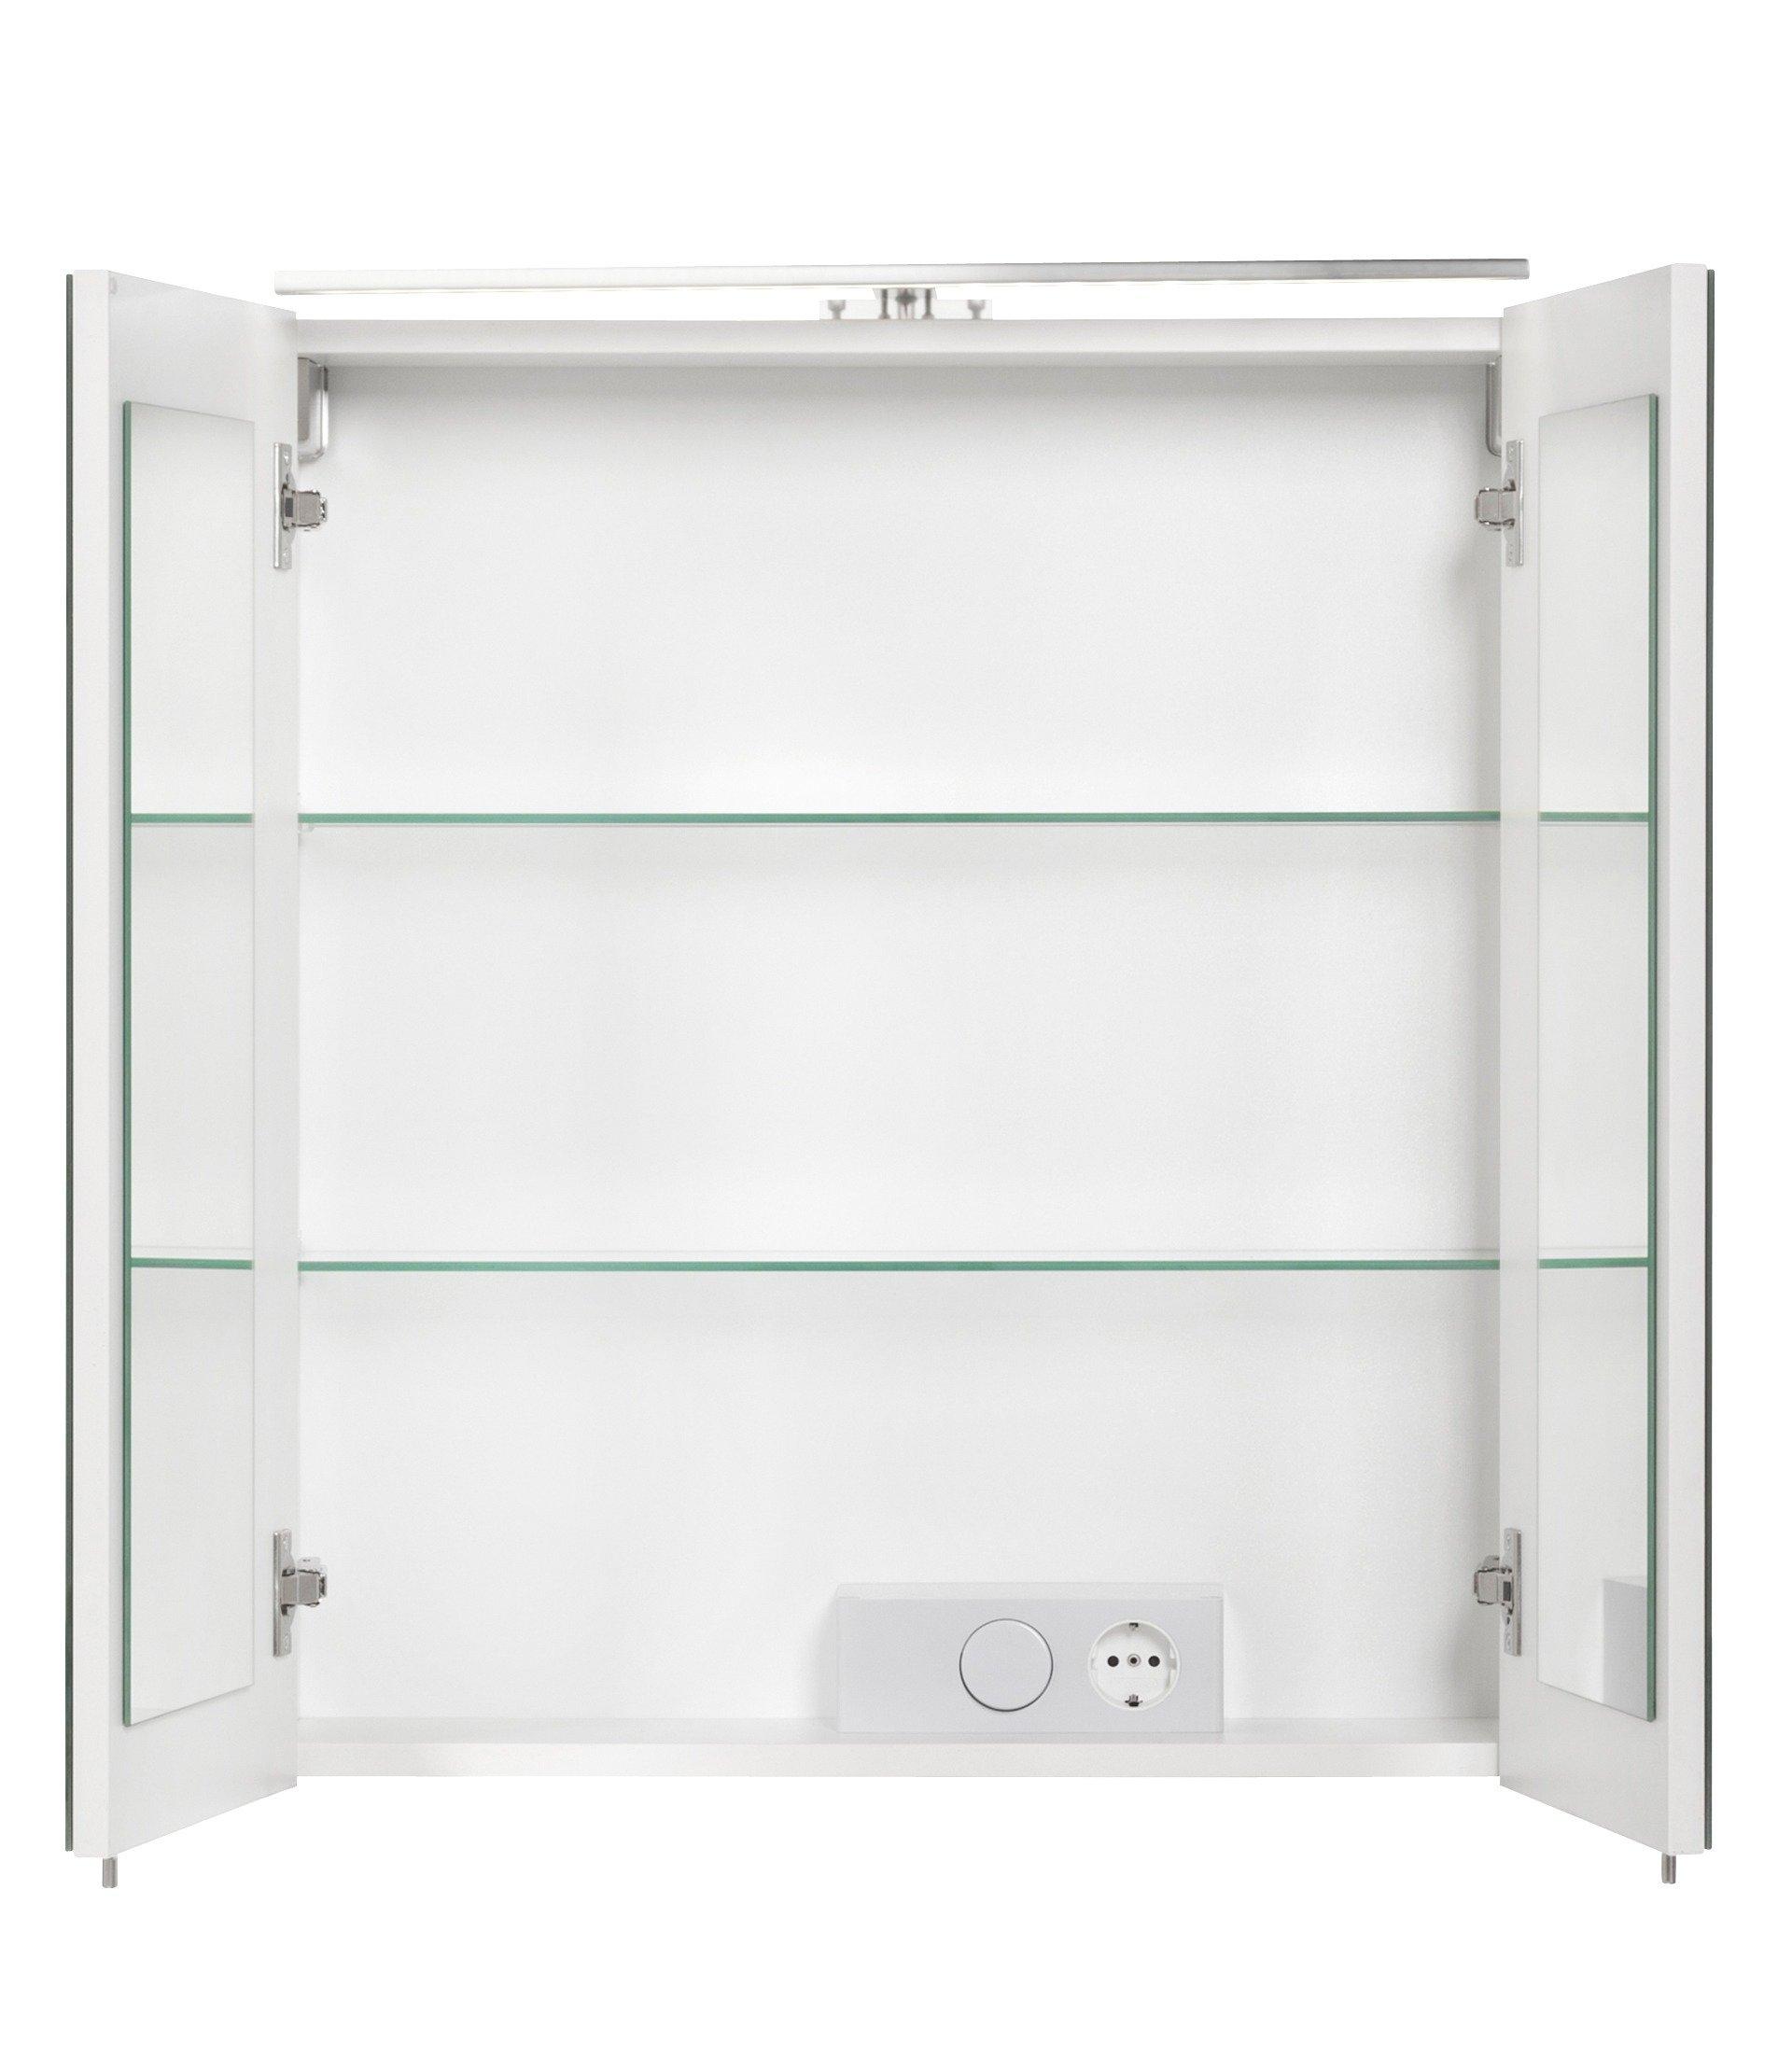 Fackelmann spiegelkast lugano breedte 60 cm bestel nu for Spiegelkast 60 cm breed